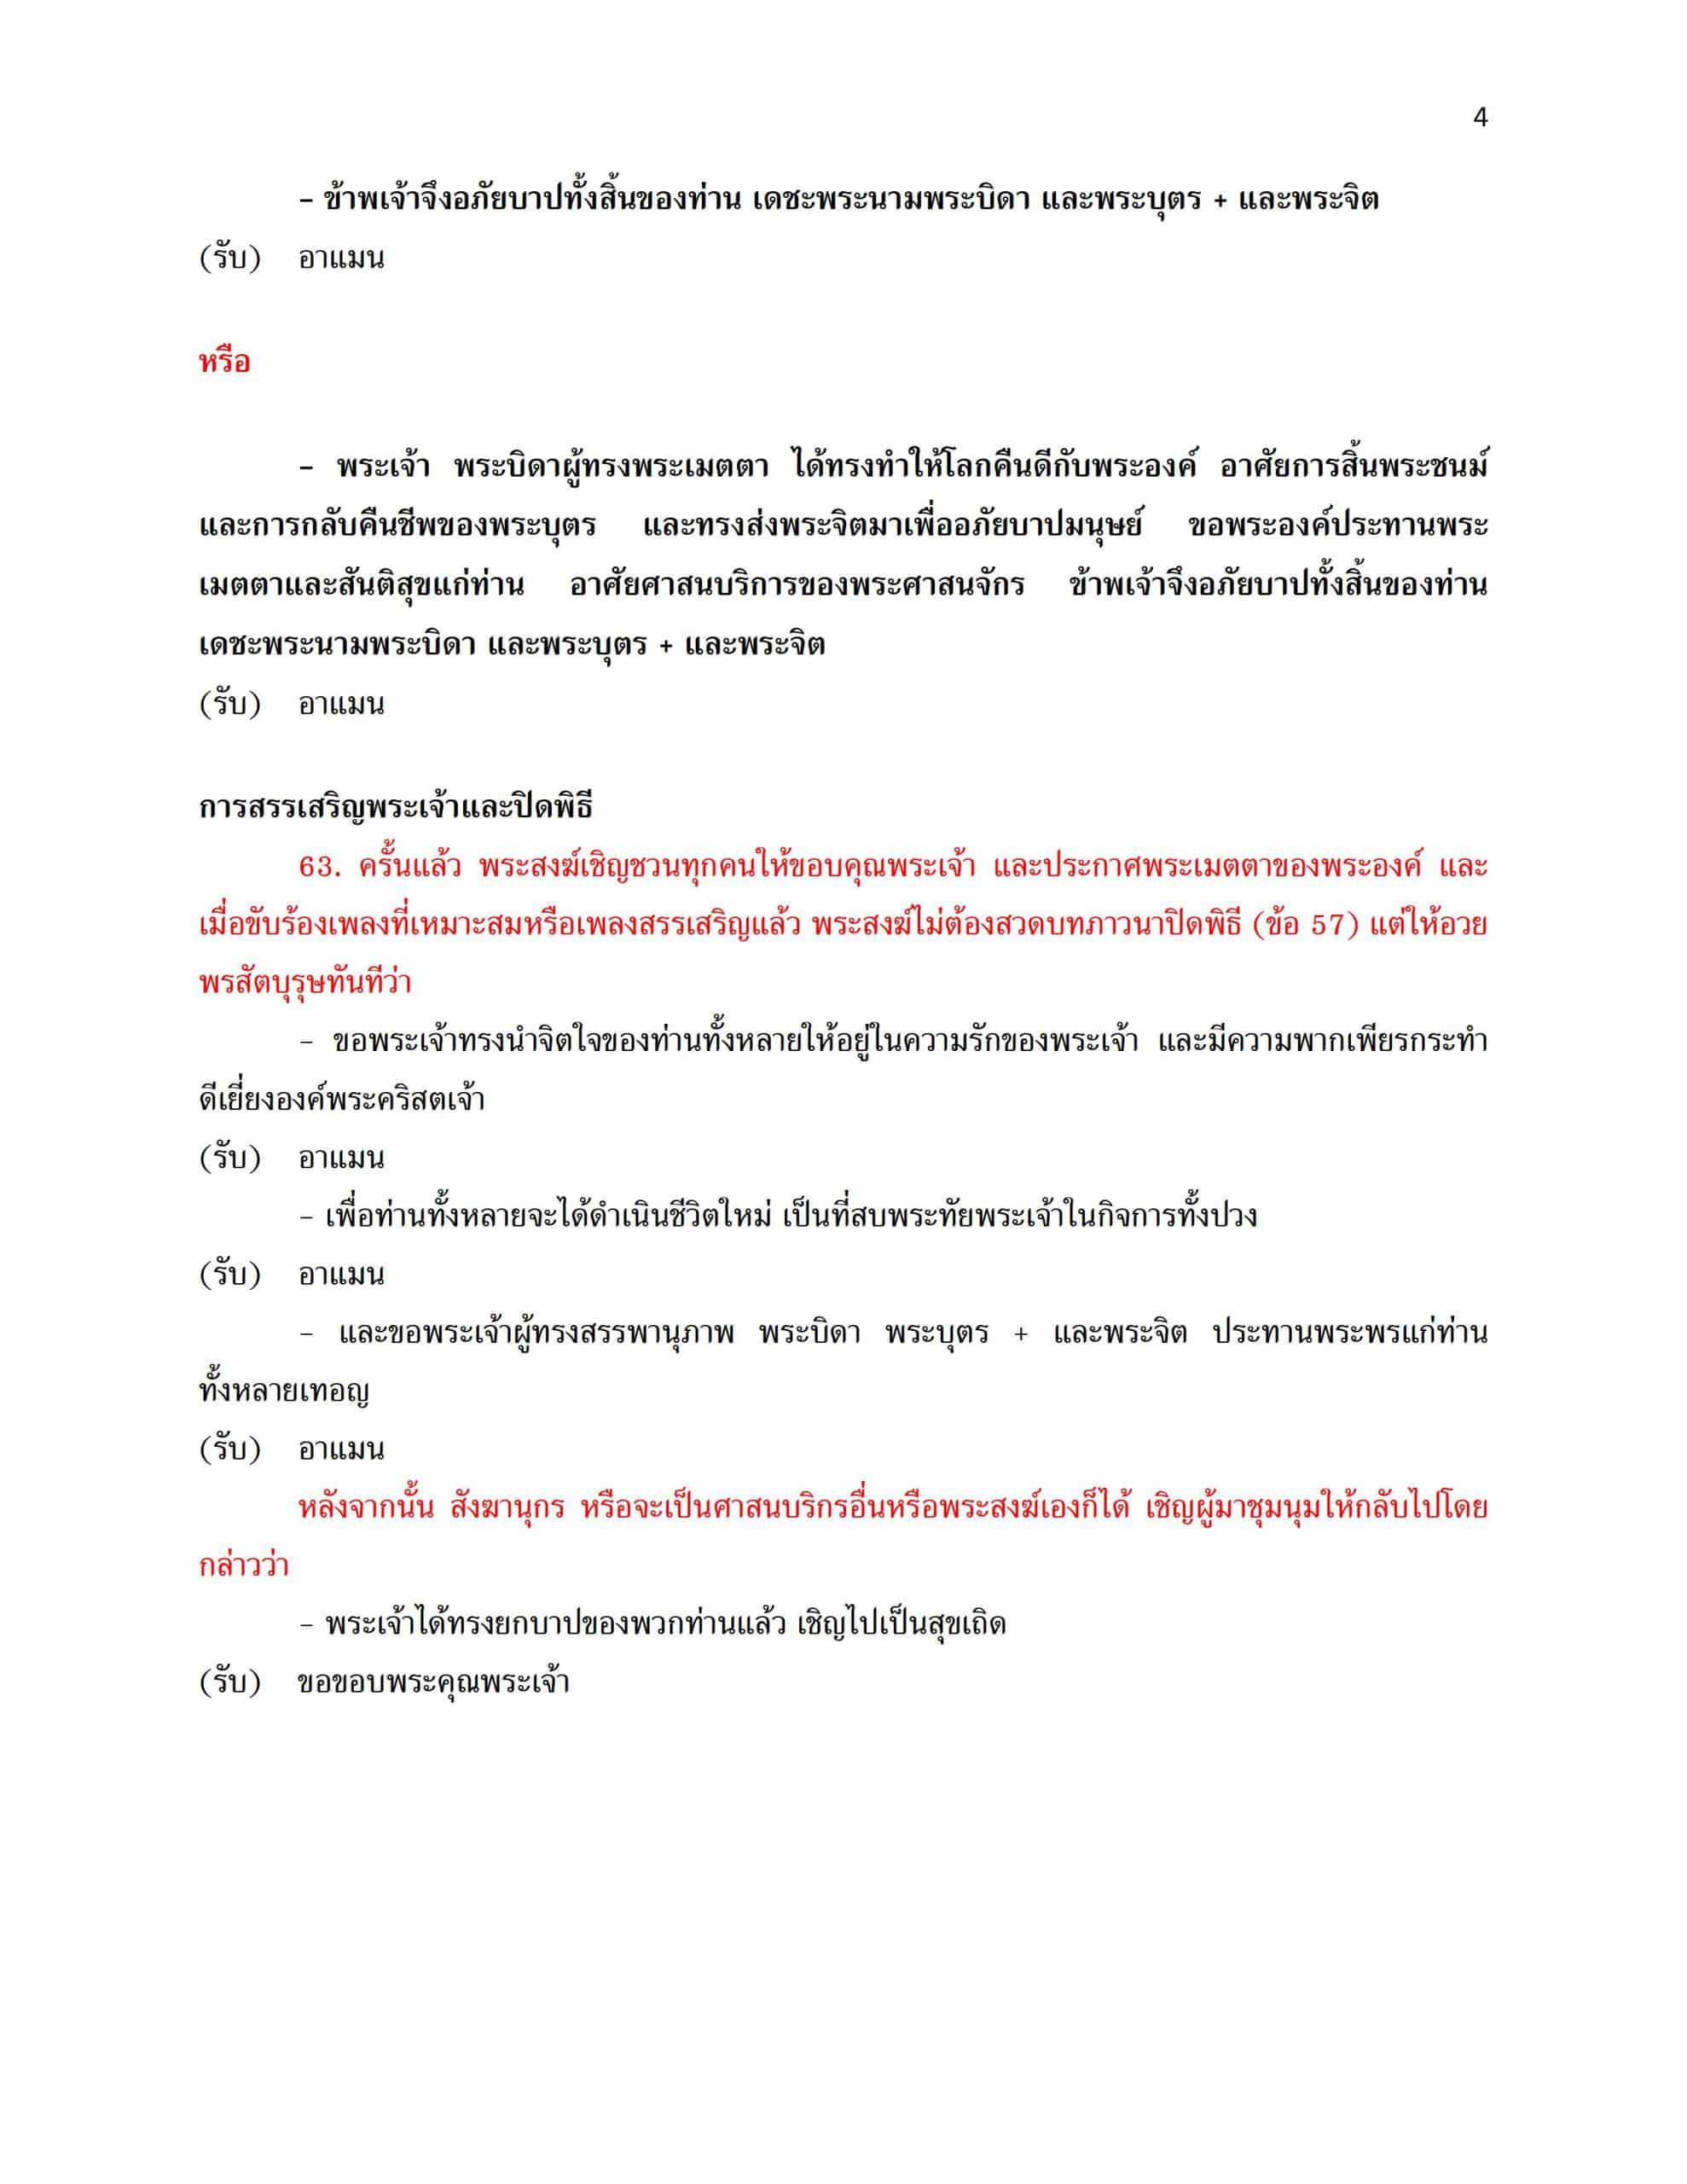 สาสน์อภิบาล เลขที่ สสท. 032-2020 (12)